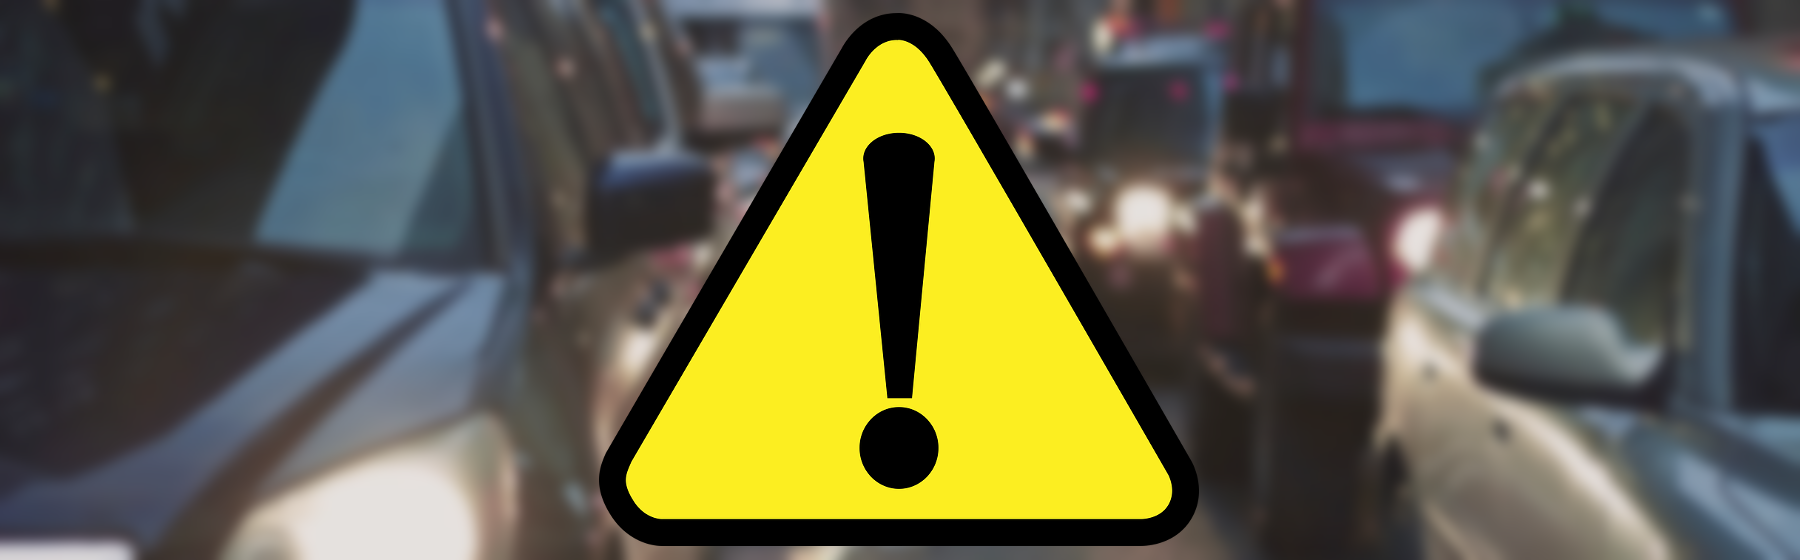 Wypadek na trasie katowickiej, droga zablokowana (Aktualizacja)